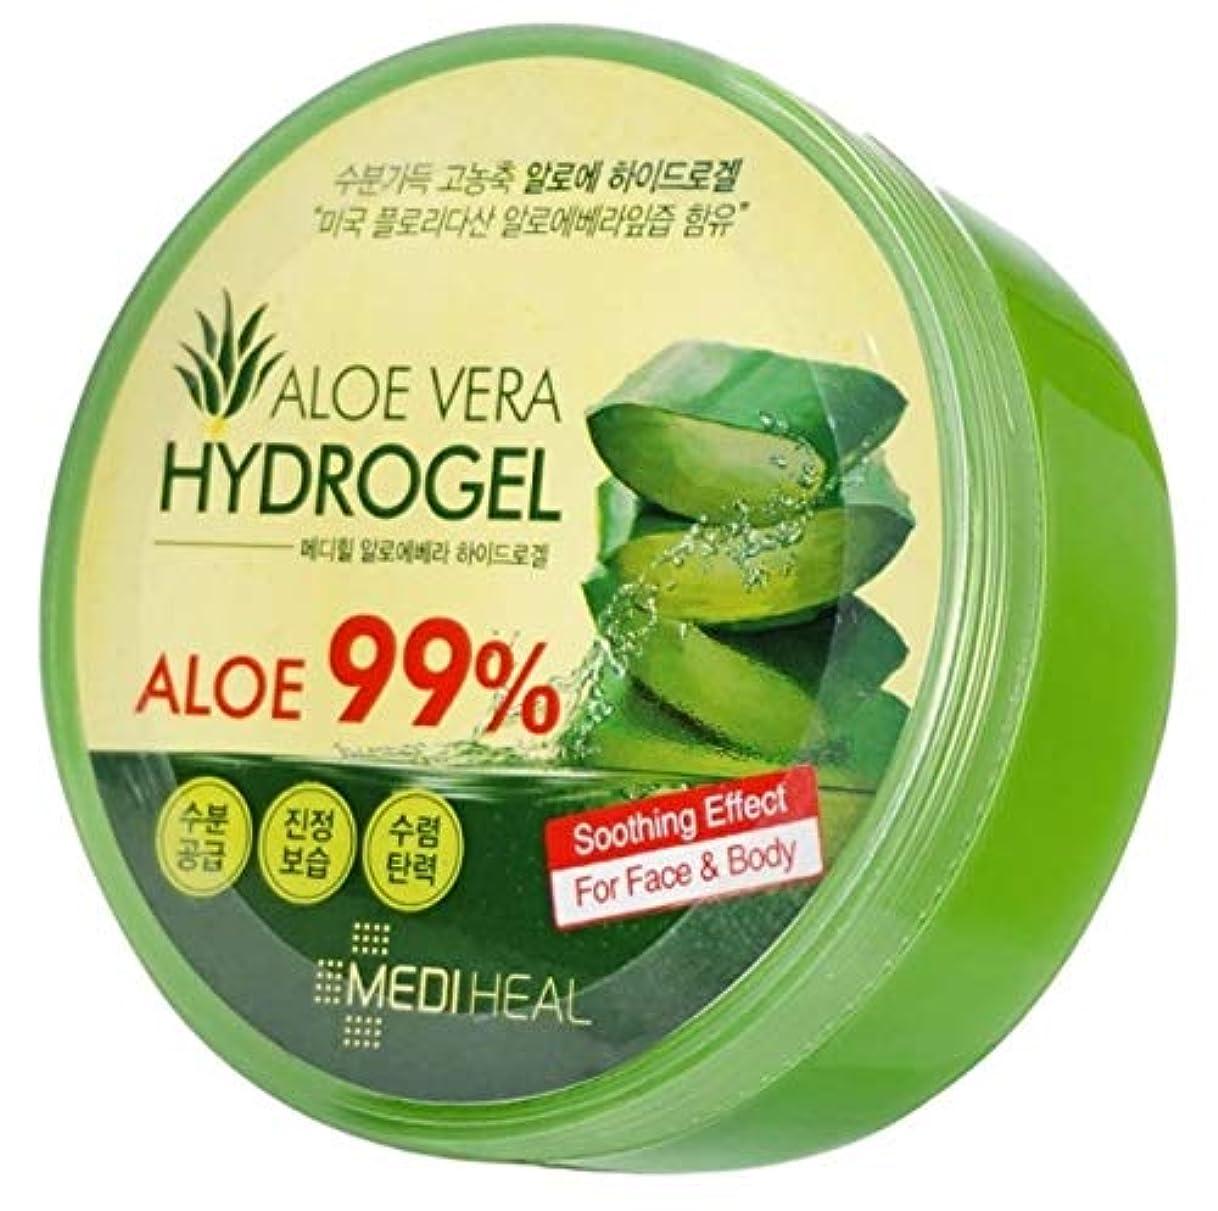 デザイナーナラーバー再集計Mediheal メディヒール Skin Soothing なだめるような & Moisture 水分 99% Aloe アロエ Vera Hydro Gels ハイドロゲル